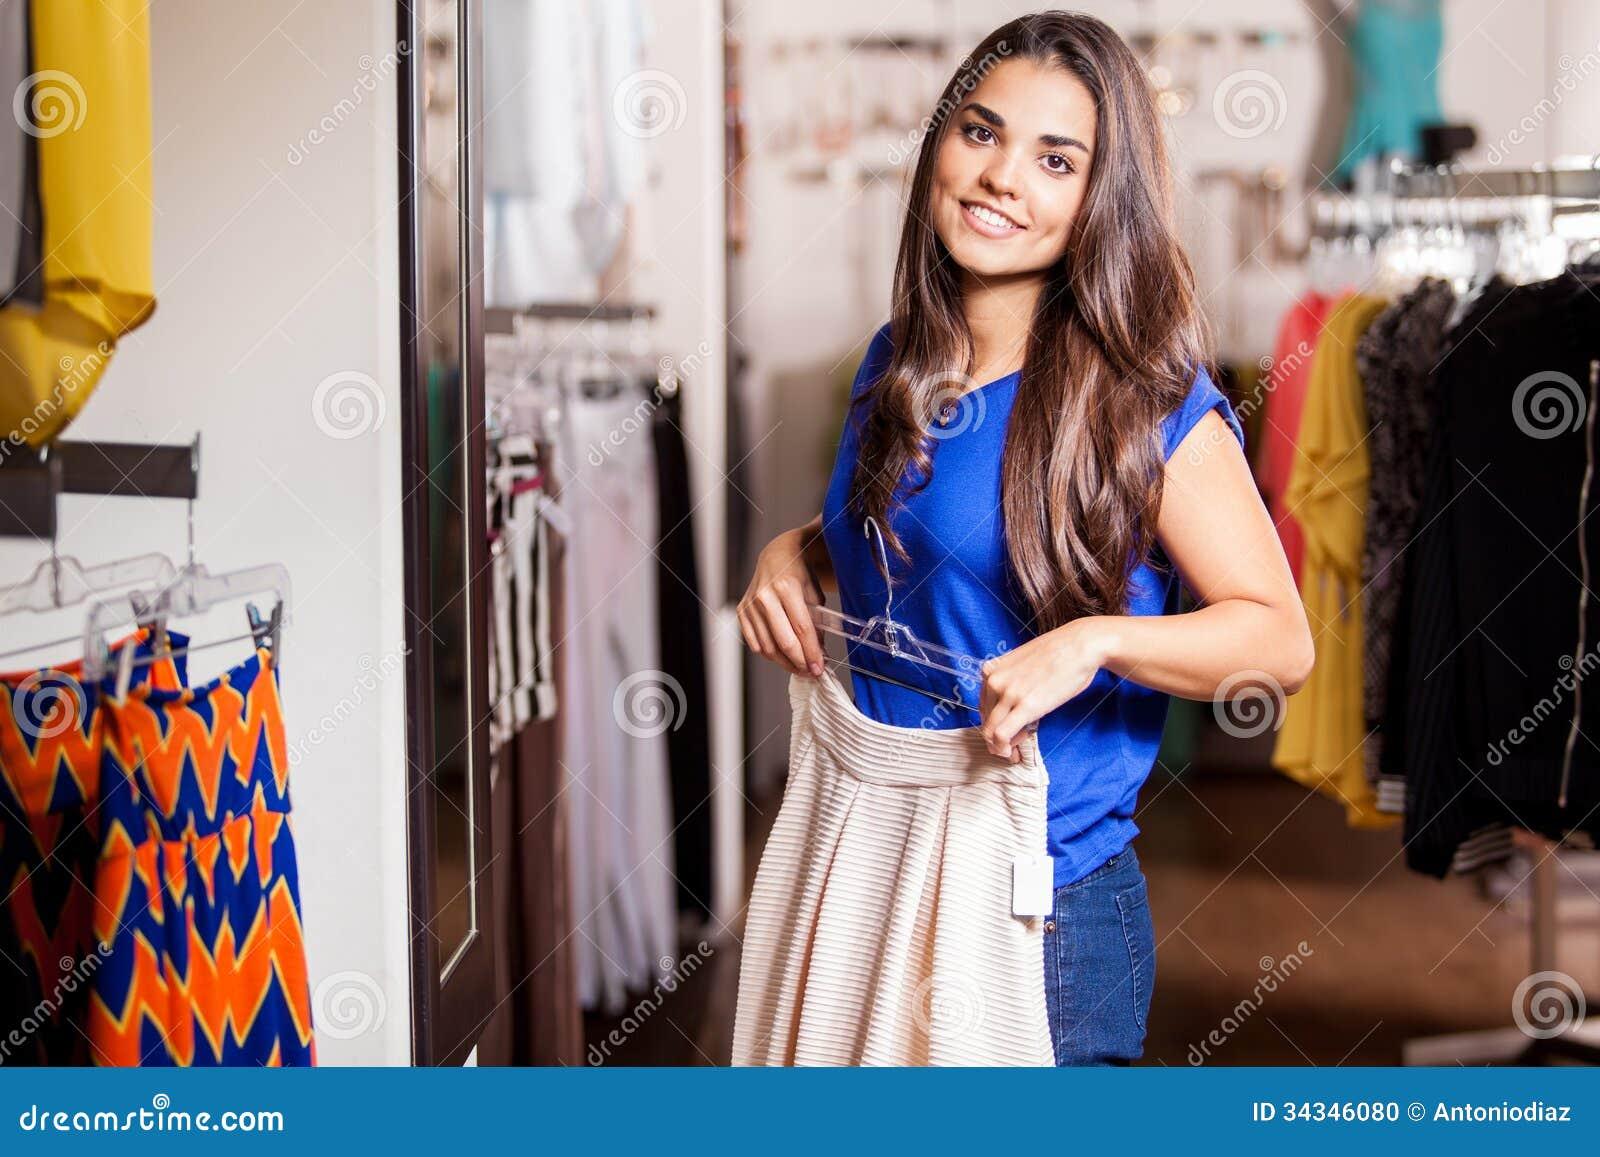 young women clothing wholesale yuki fashion coat k108304 Gray k108304 $17.81 : Yuki Wholesale Clothing - Wholesale Korean Fashion,Japanese Clothing